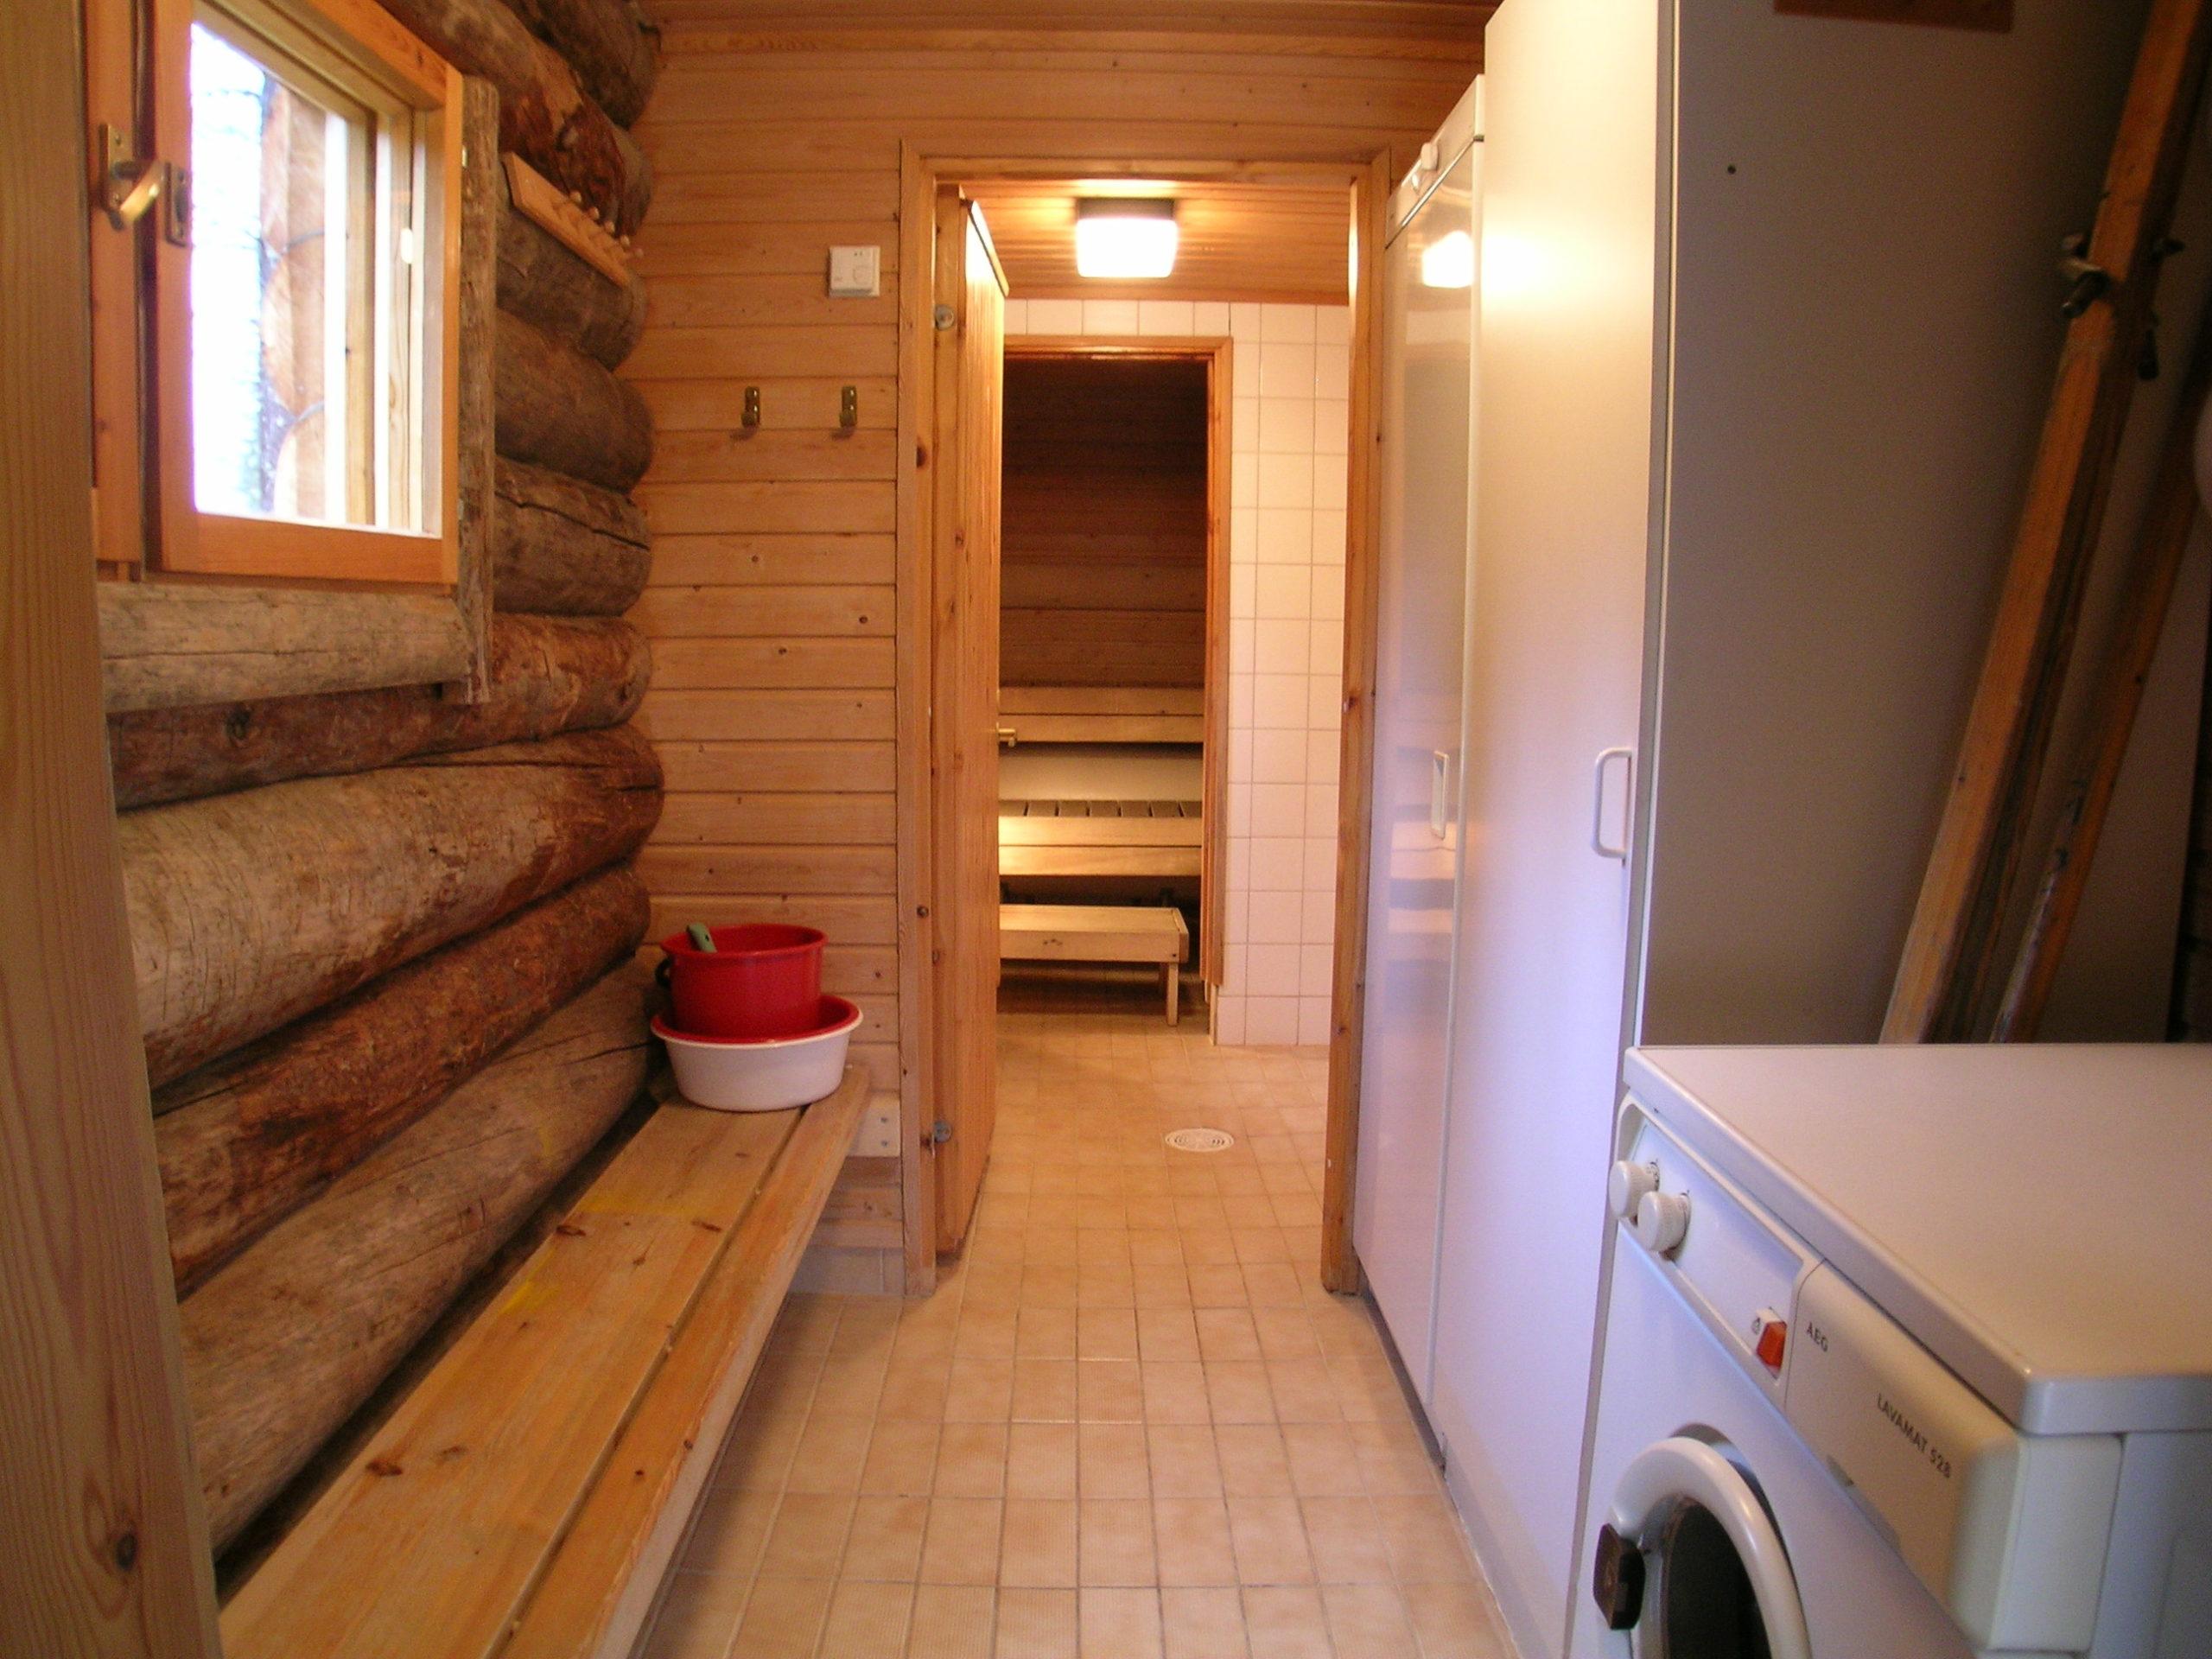 Satu 31 sauna ja pesuhuone